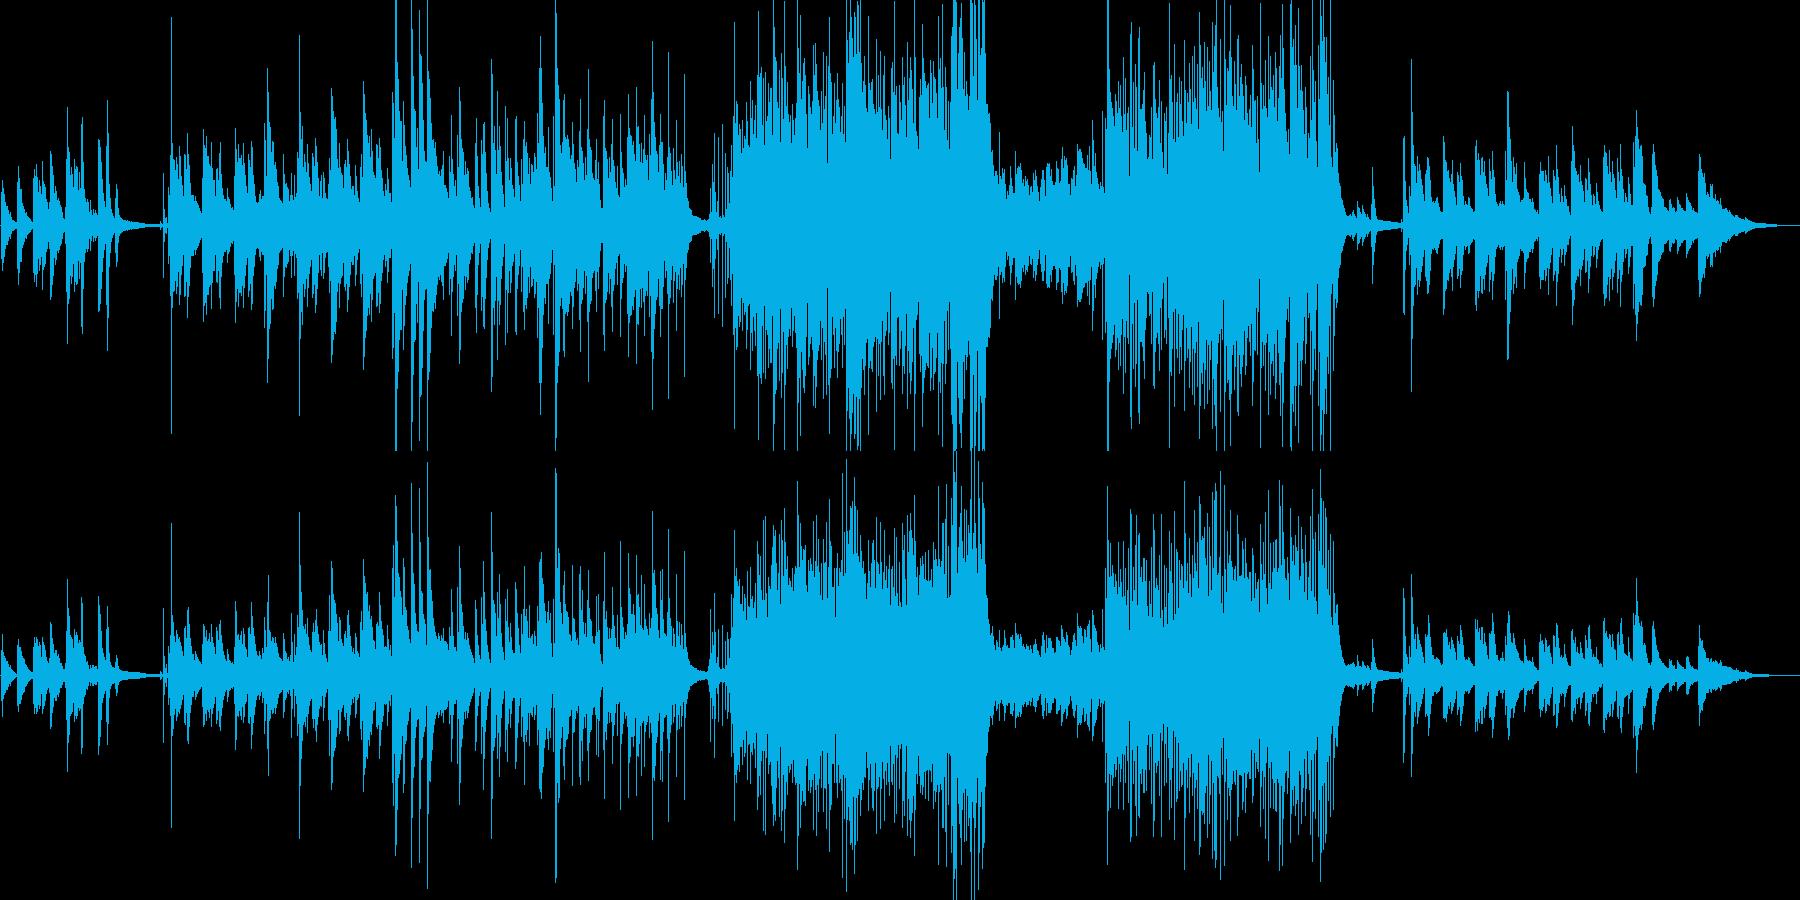 優しい雰囲気のJazzピアノ トリオ構成の再生済みの波形